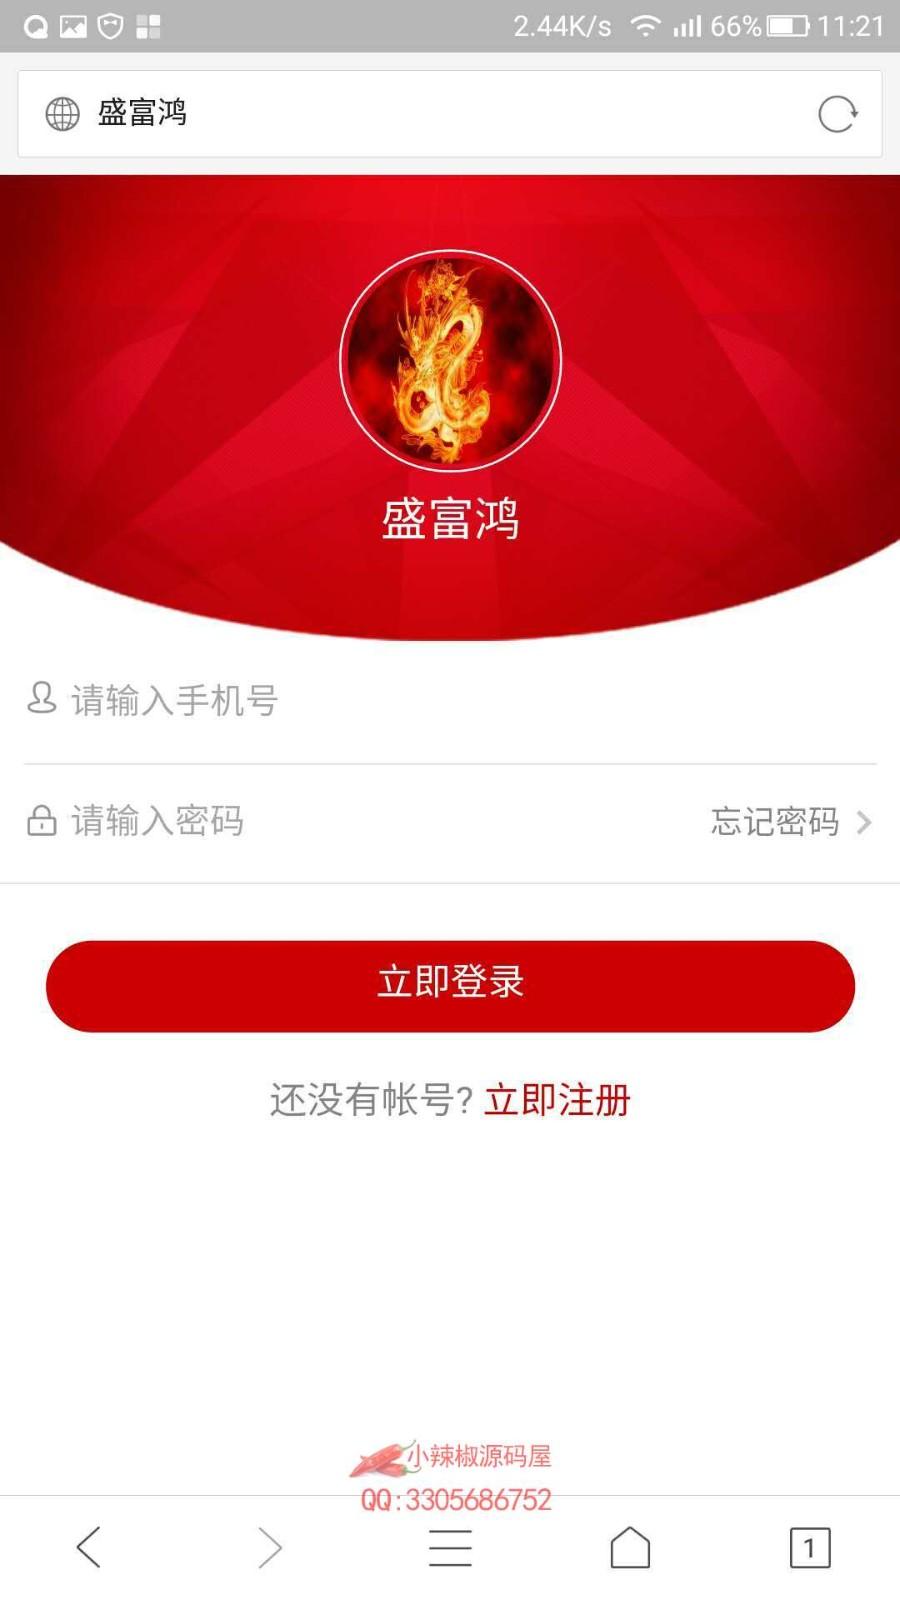 泓樽付 分红 商城 股权 商店